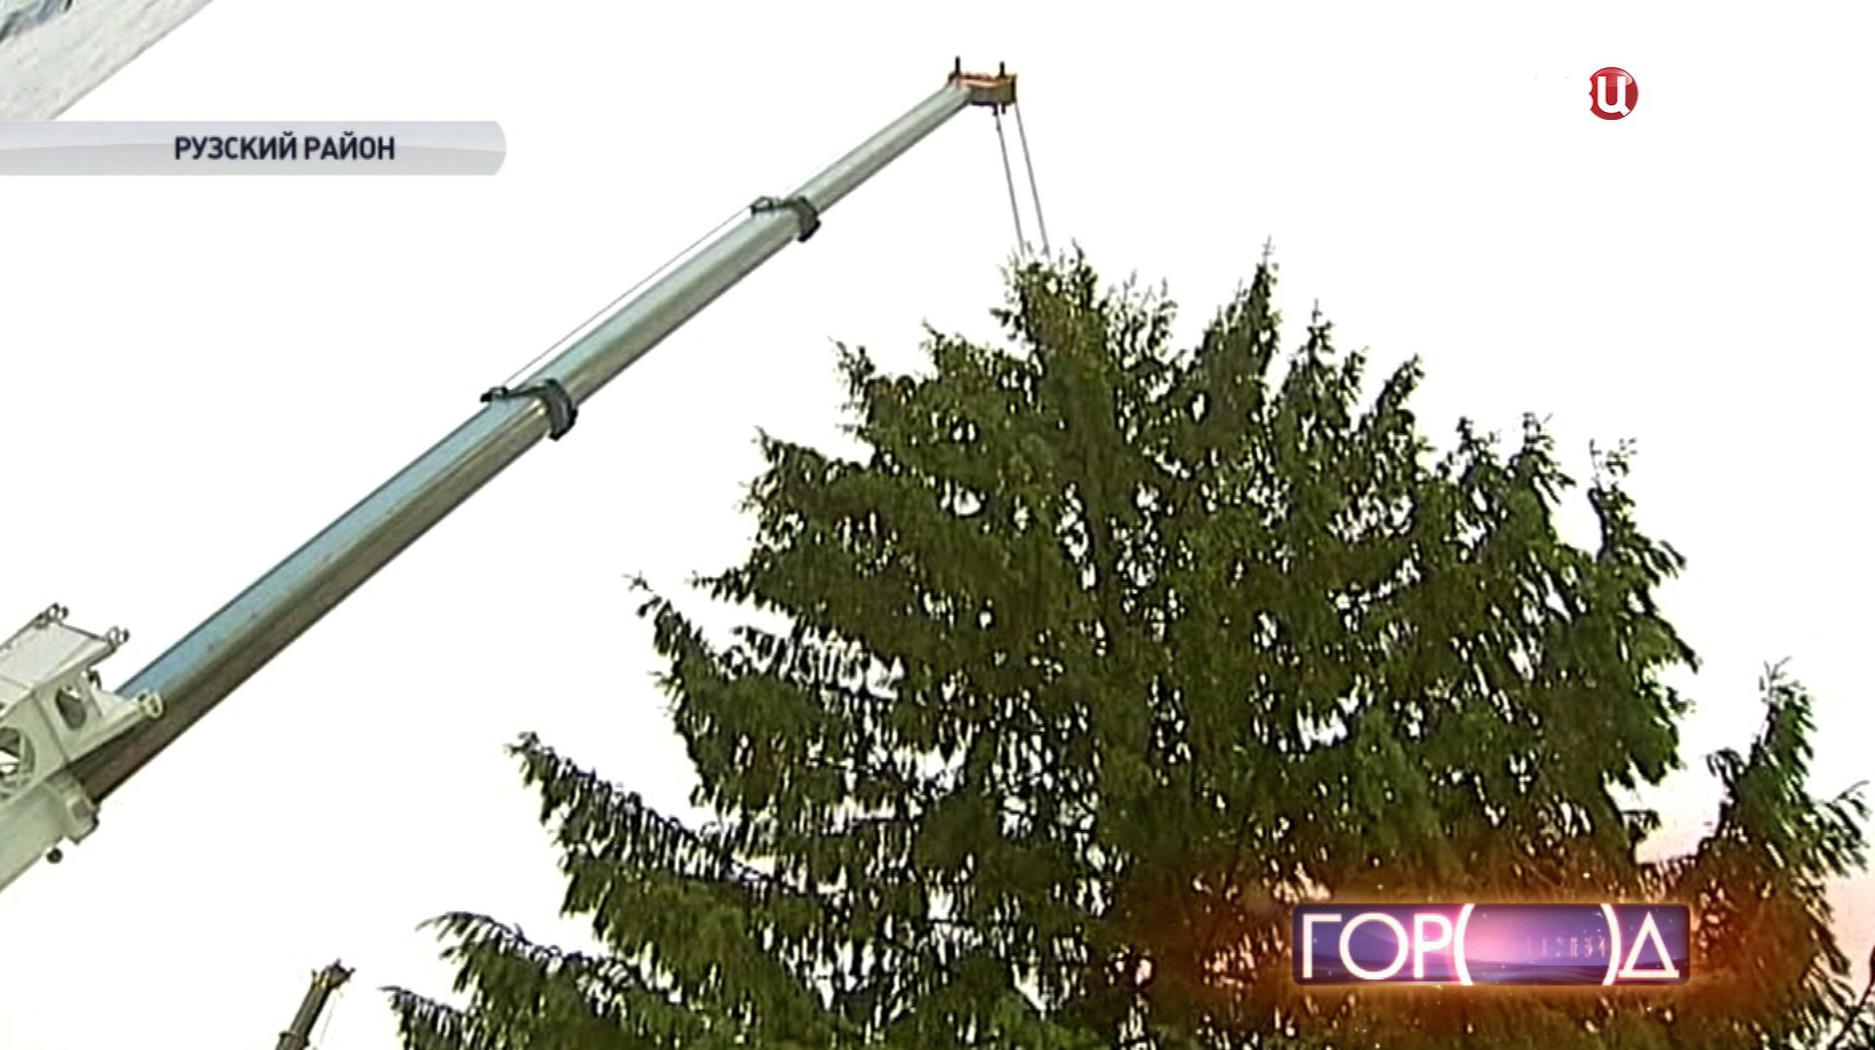 Коммунальщики срезают главную новогоднюю ёлку страны